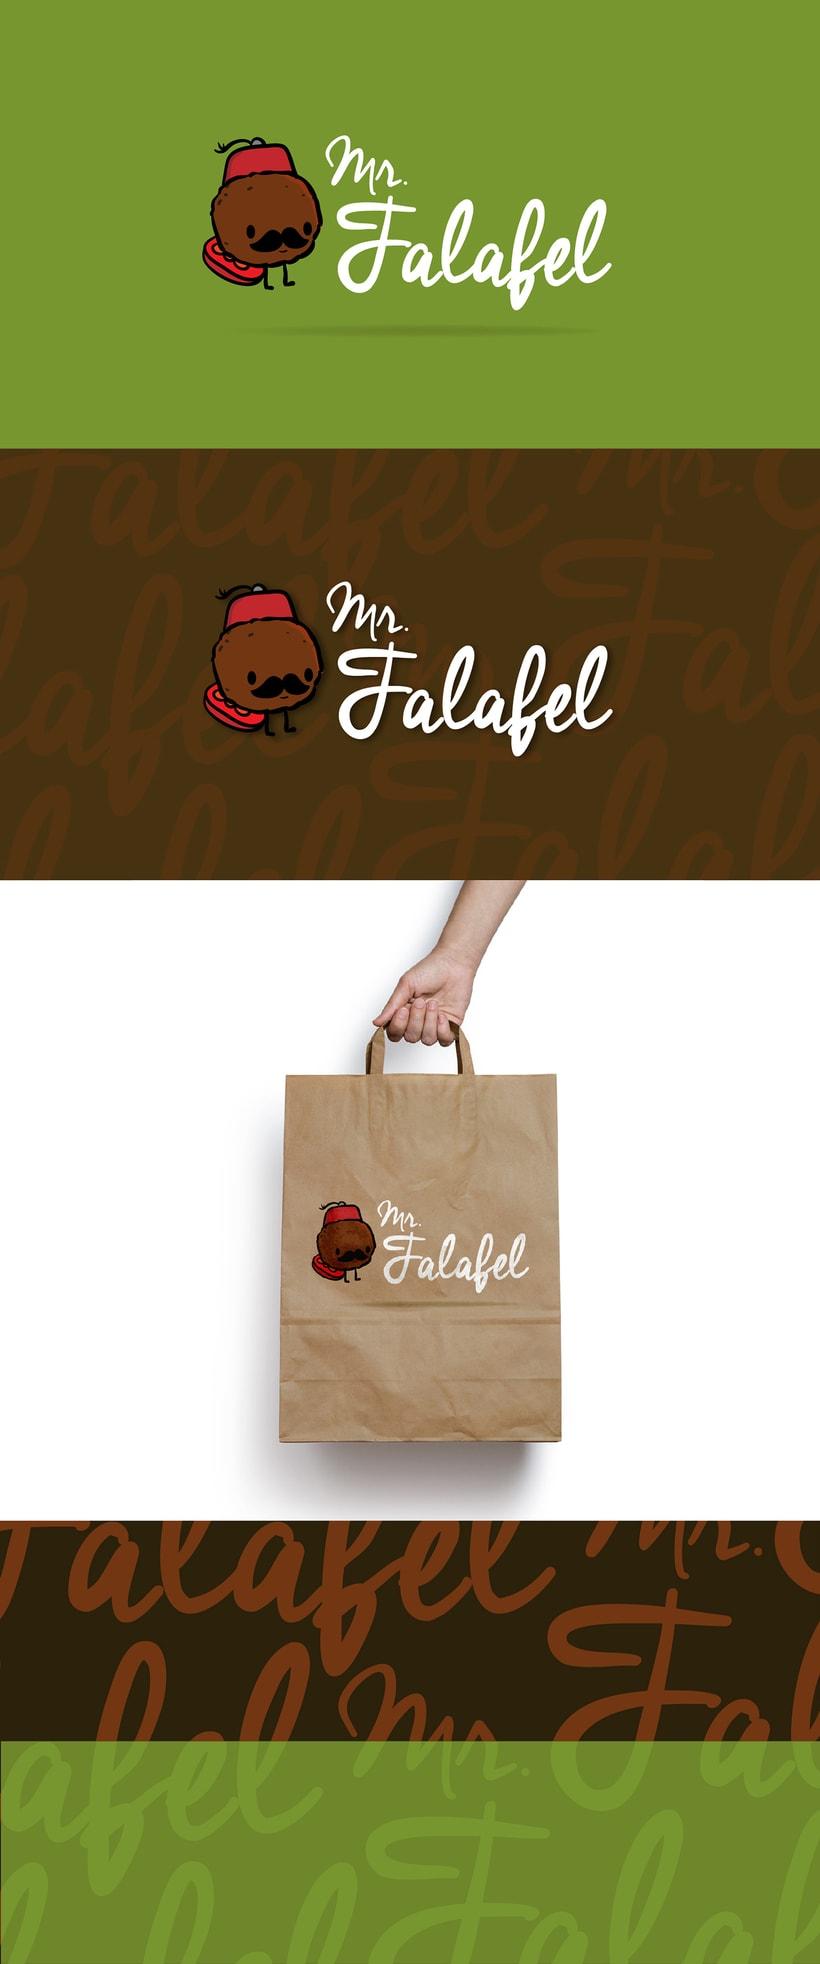 Branding | Mr. Falafel -1